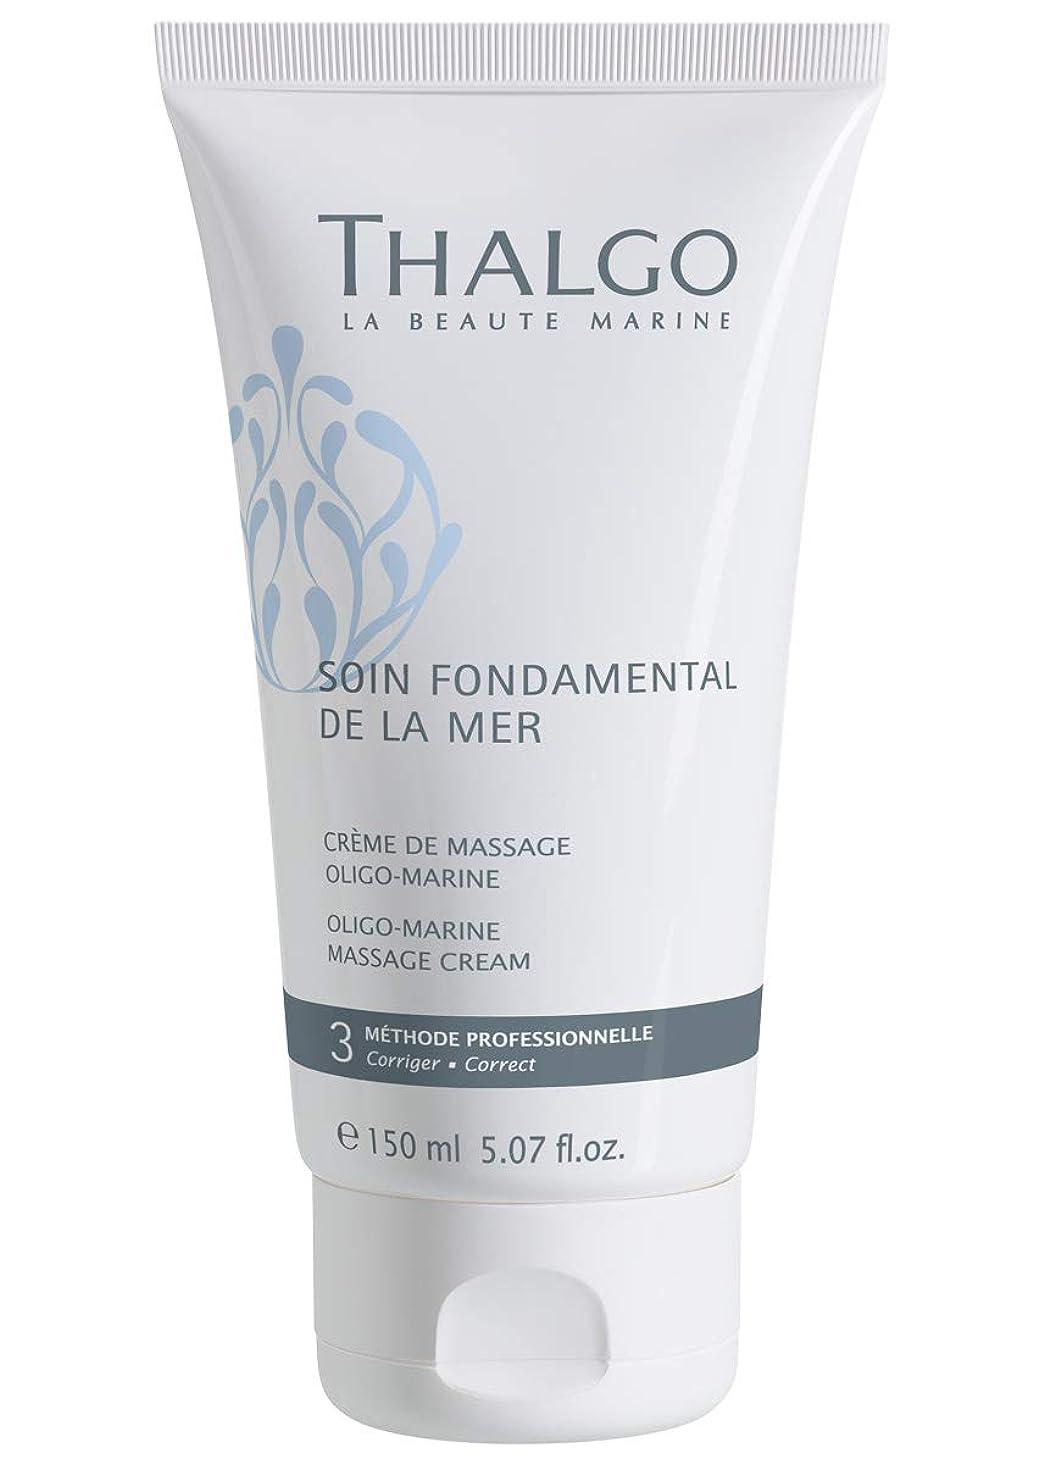 偽装する大きさ要求するタルゴ Soin Fondamental De La Mer Oligo-Marine Massage Cream (Salon Product) 150ml/5.07oz並行輸入品